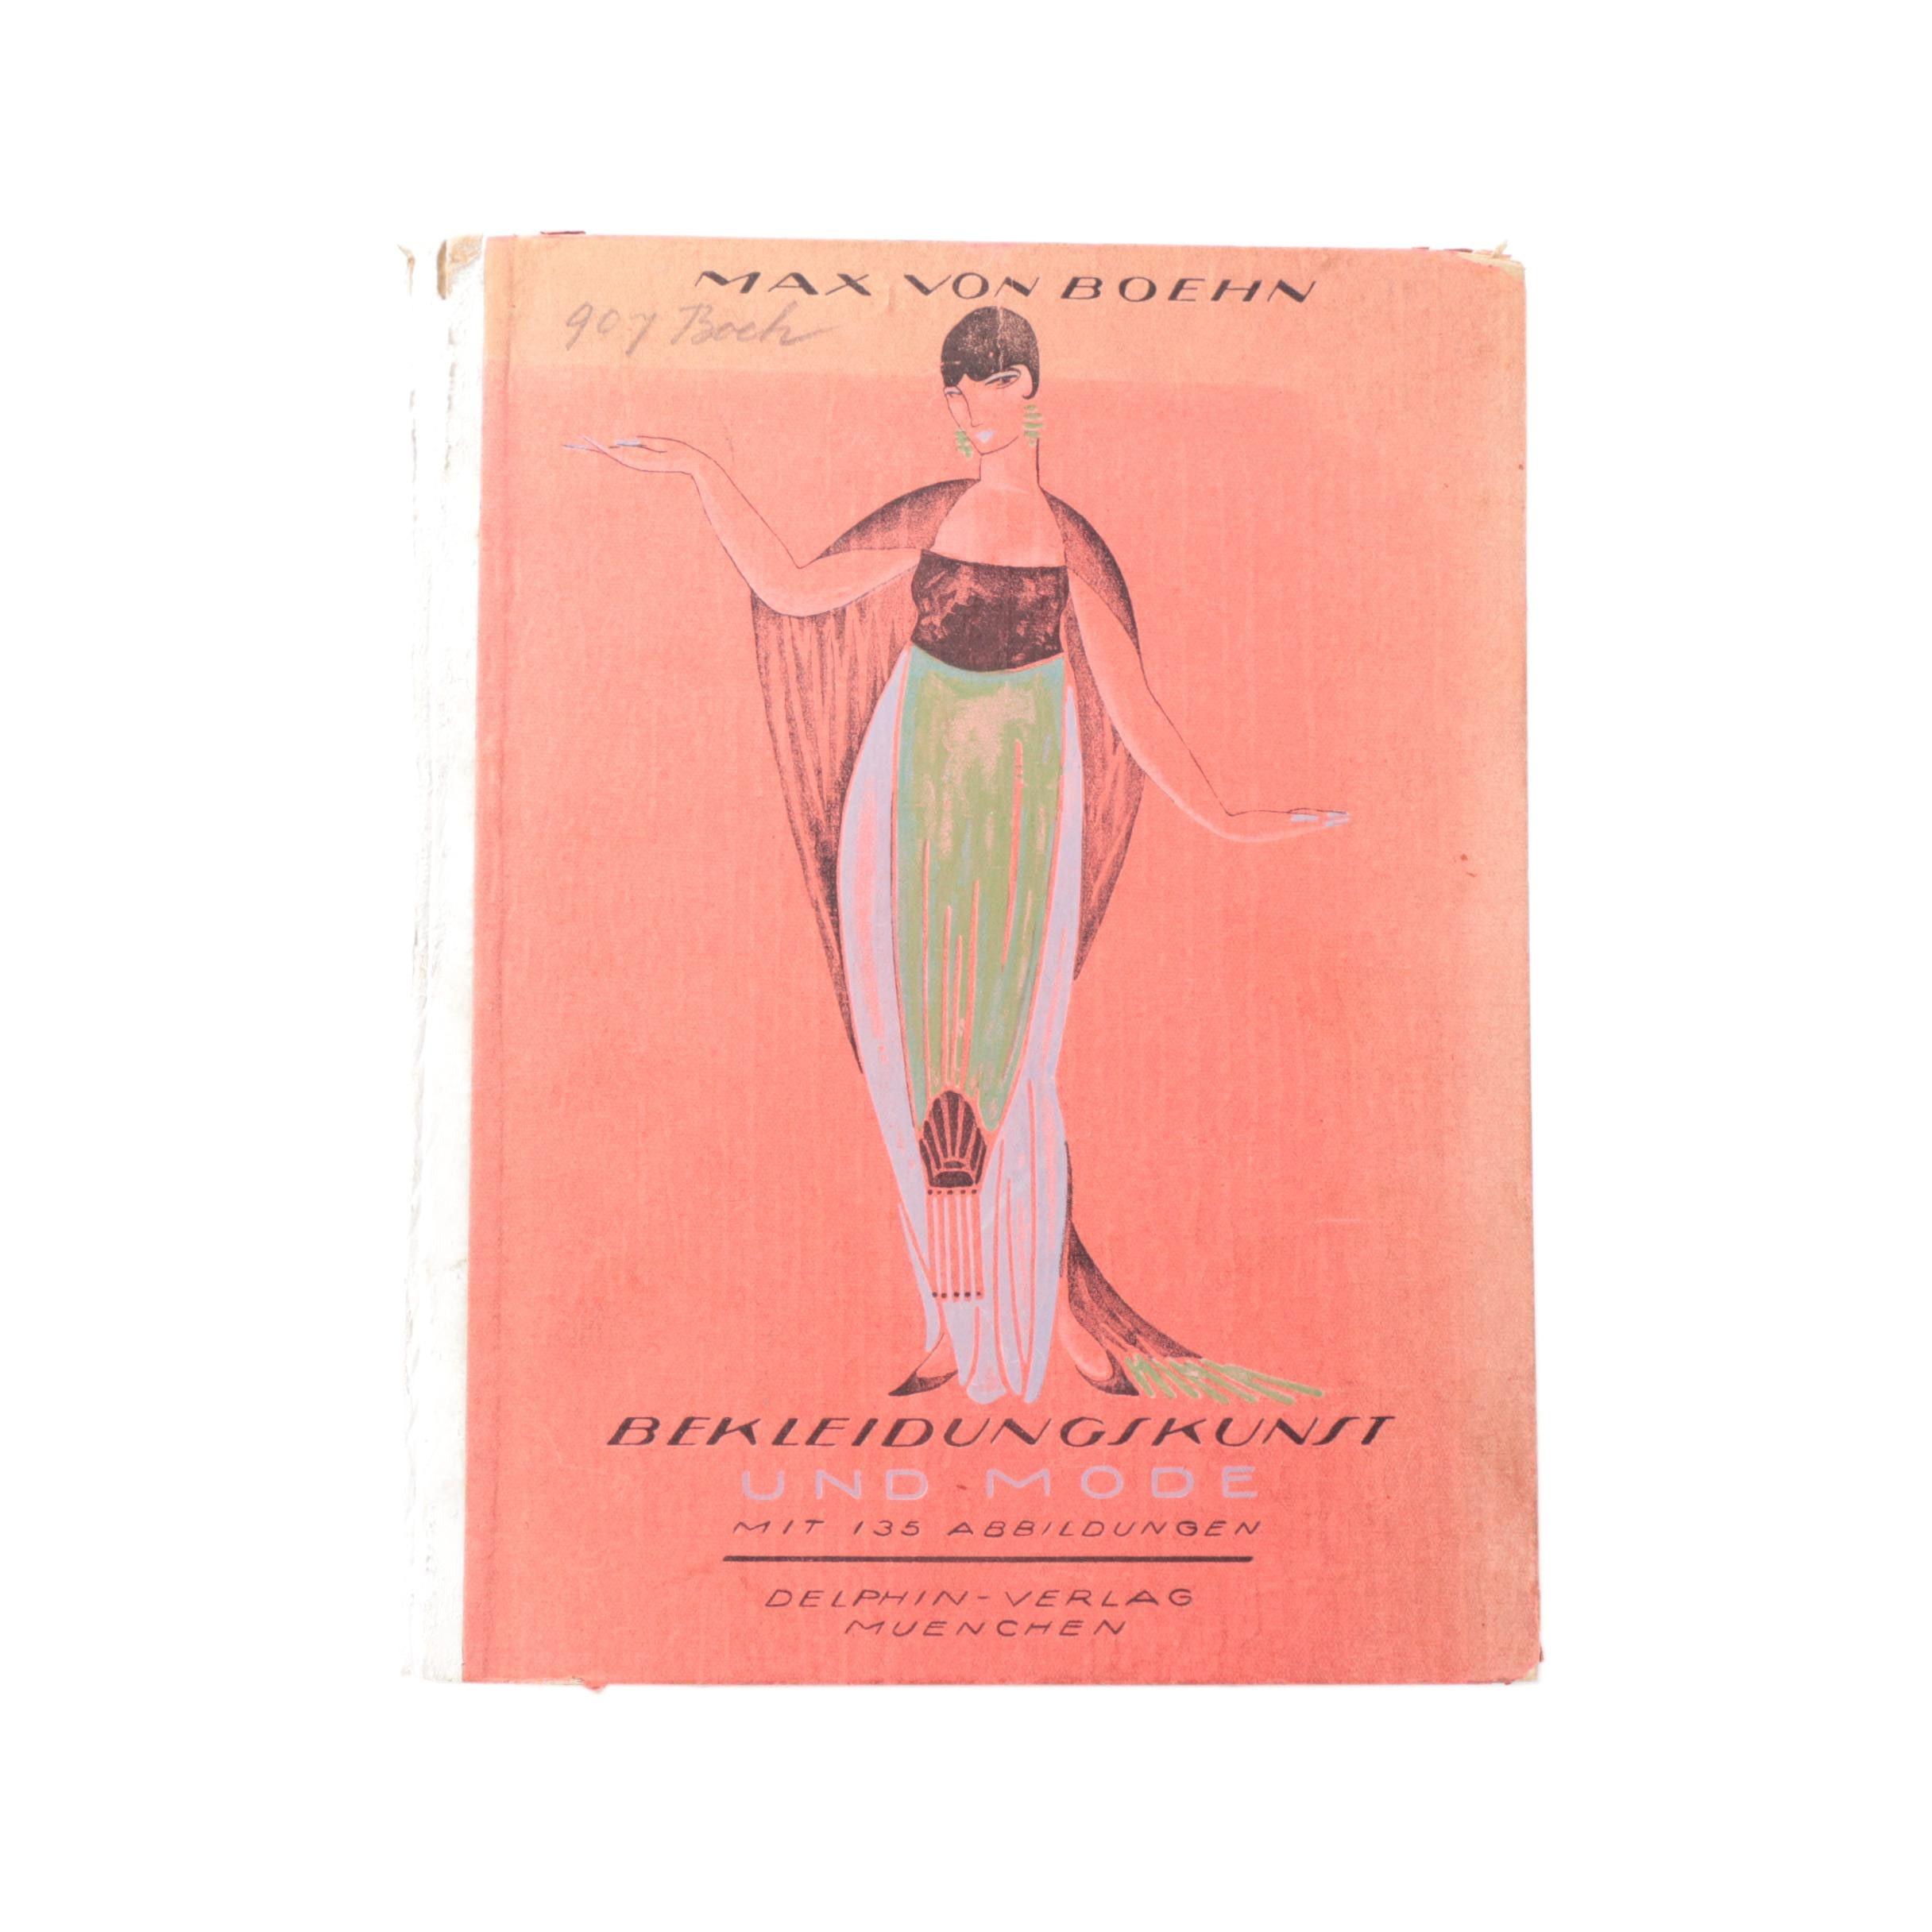 """1918 """"Bekleidungskunst und Mode"""" or """"Clothing Art and Fashion""""  by Max von Boehn"""